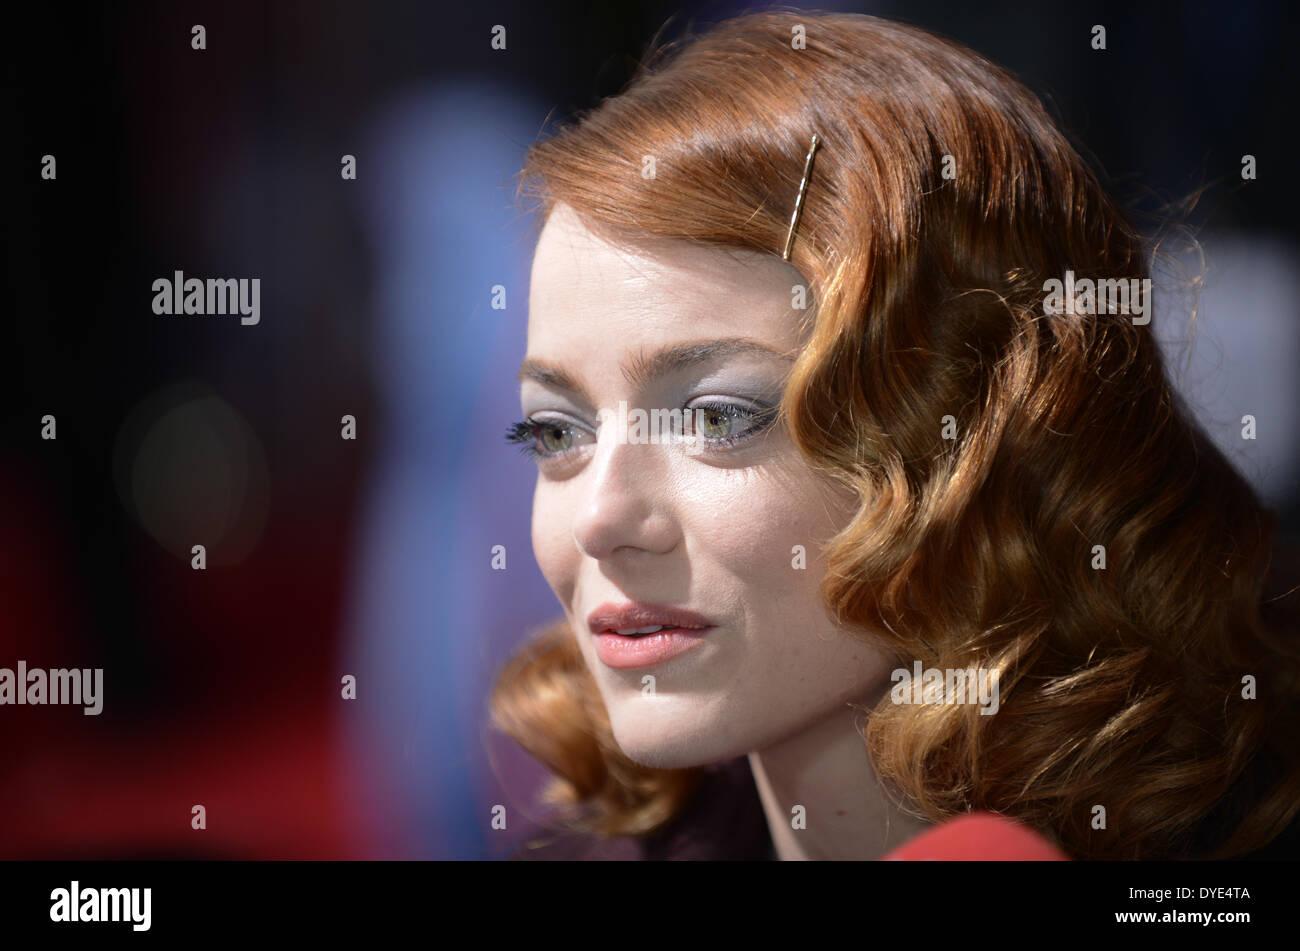 """BERLIN, ALLEMAGNE, 15 avril 2014. Emma Stone assiste à la """"The Amazing Spider-Man 2' Première mondiale dans le Sony Center sur la Potsdamer Platz, le 15 avril 2014 à Berlin, Allemagne. Credit: Janne Tervonen/Alamy Live News Photo Stock"""